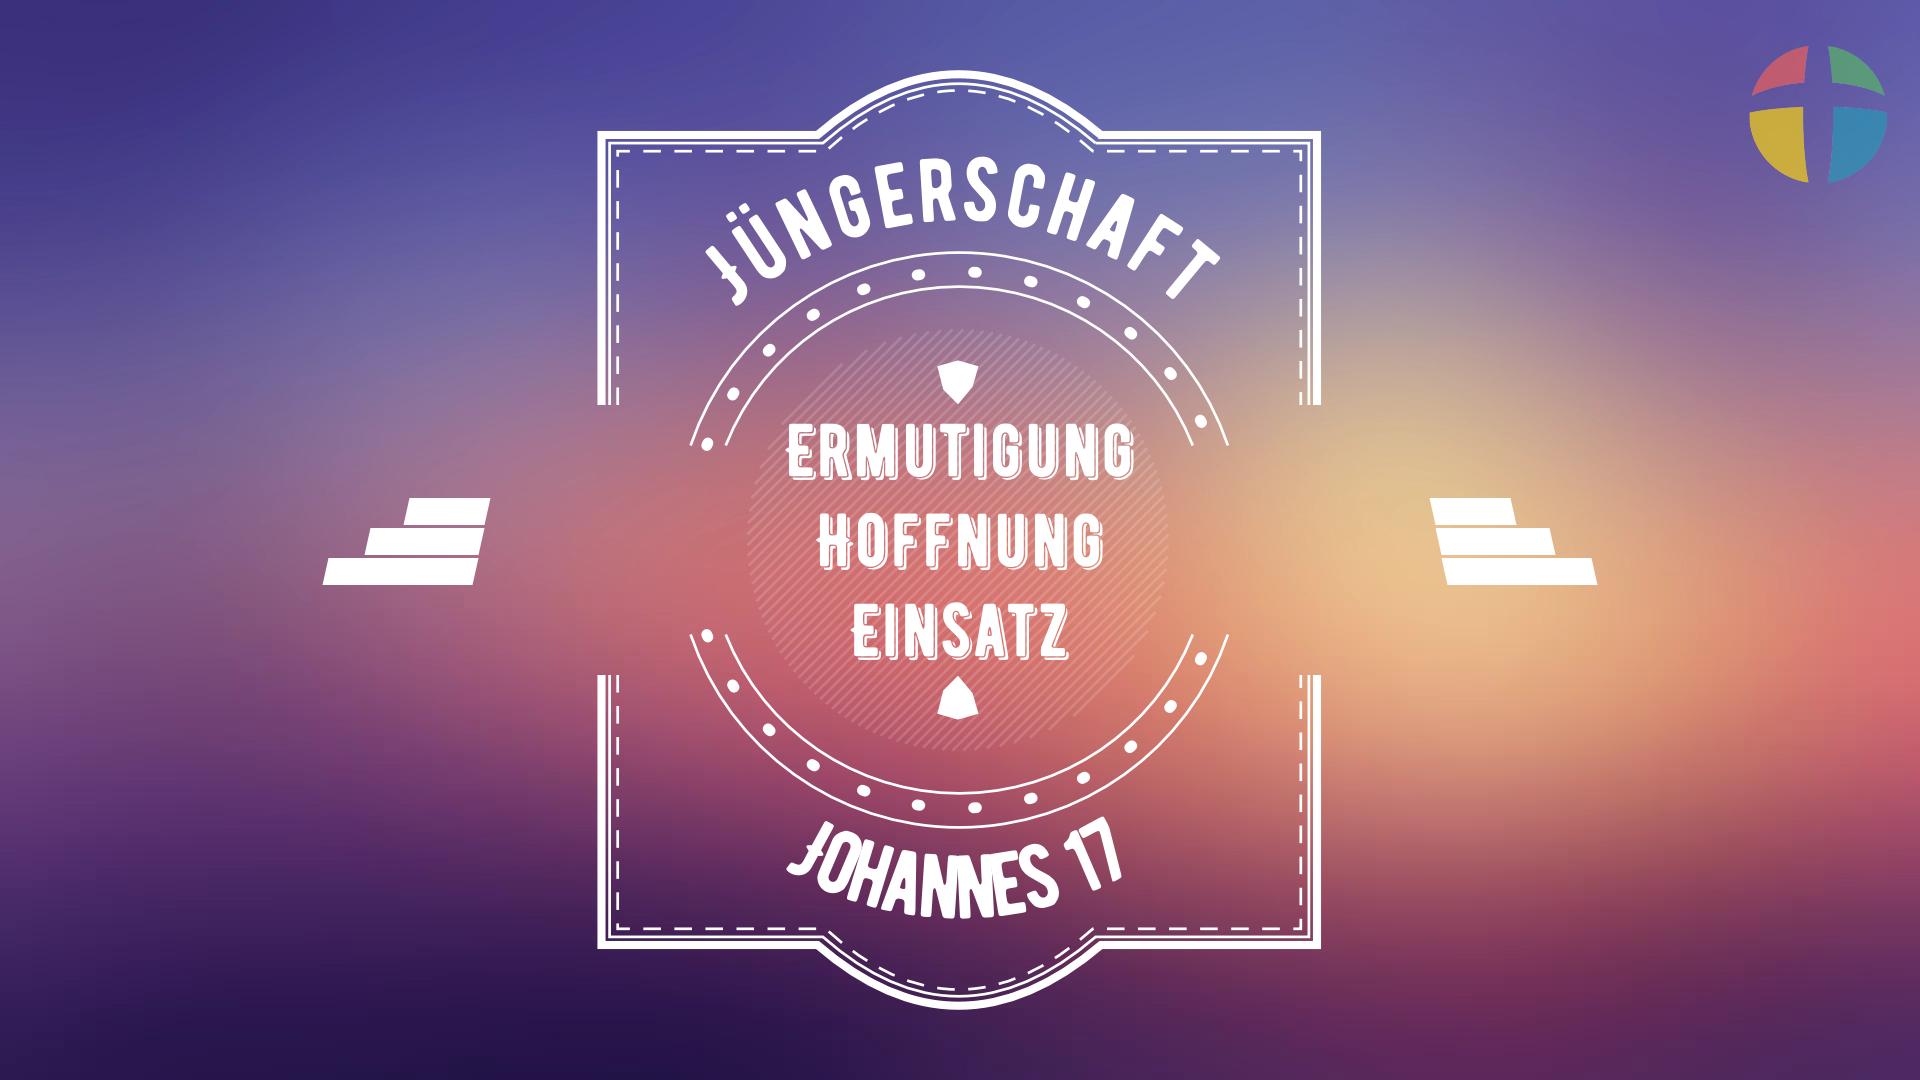 Predigtreihe: Jüngerschaft #4